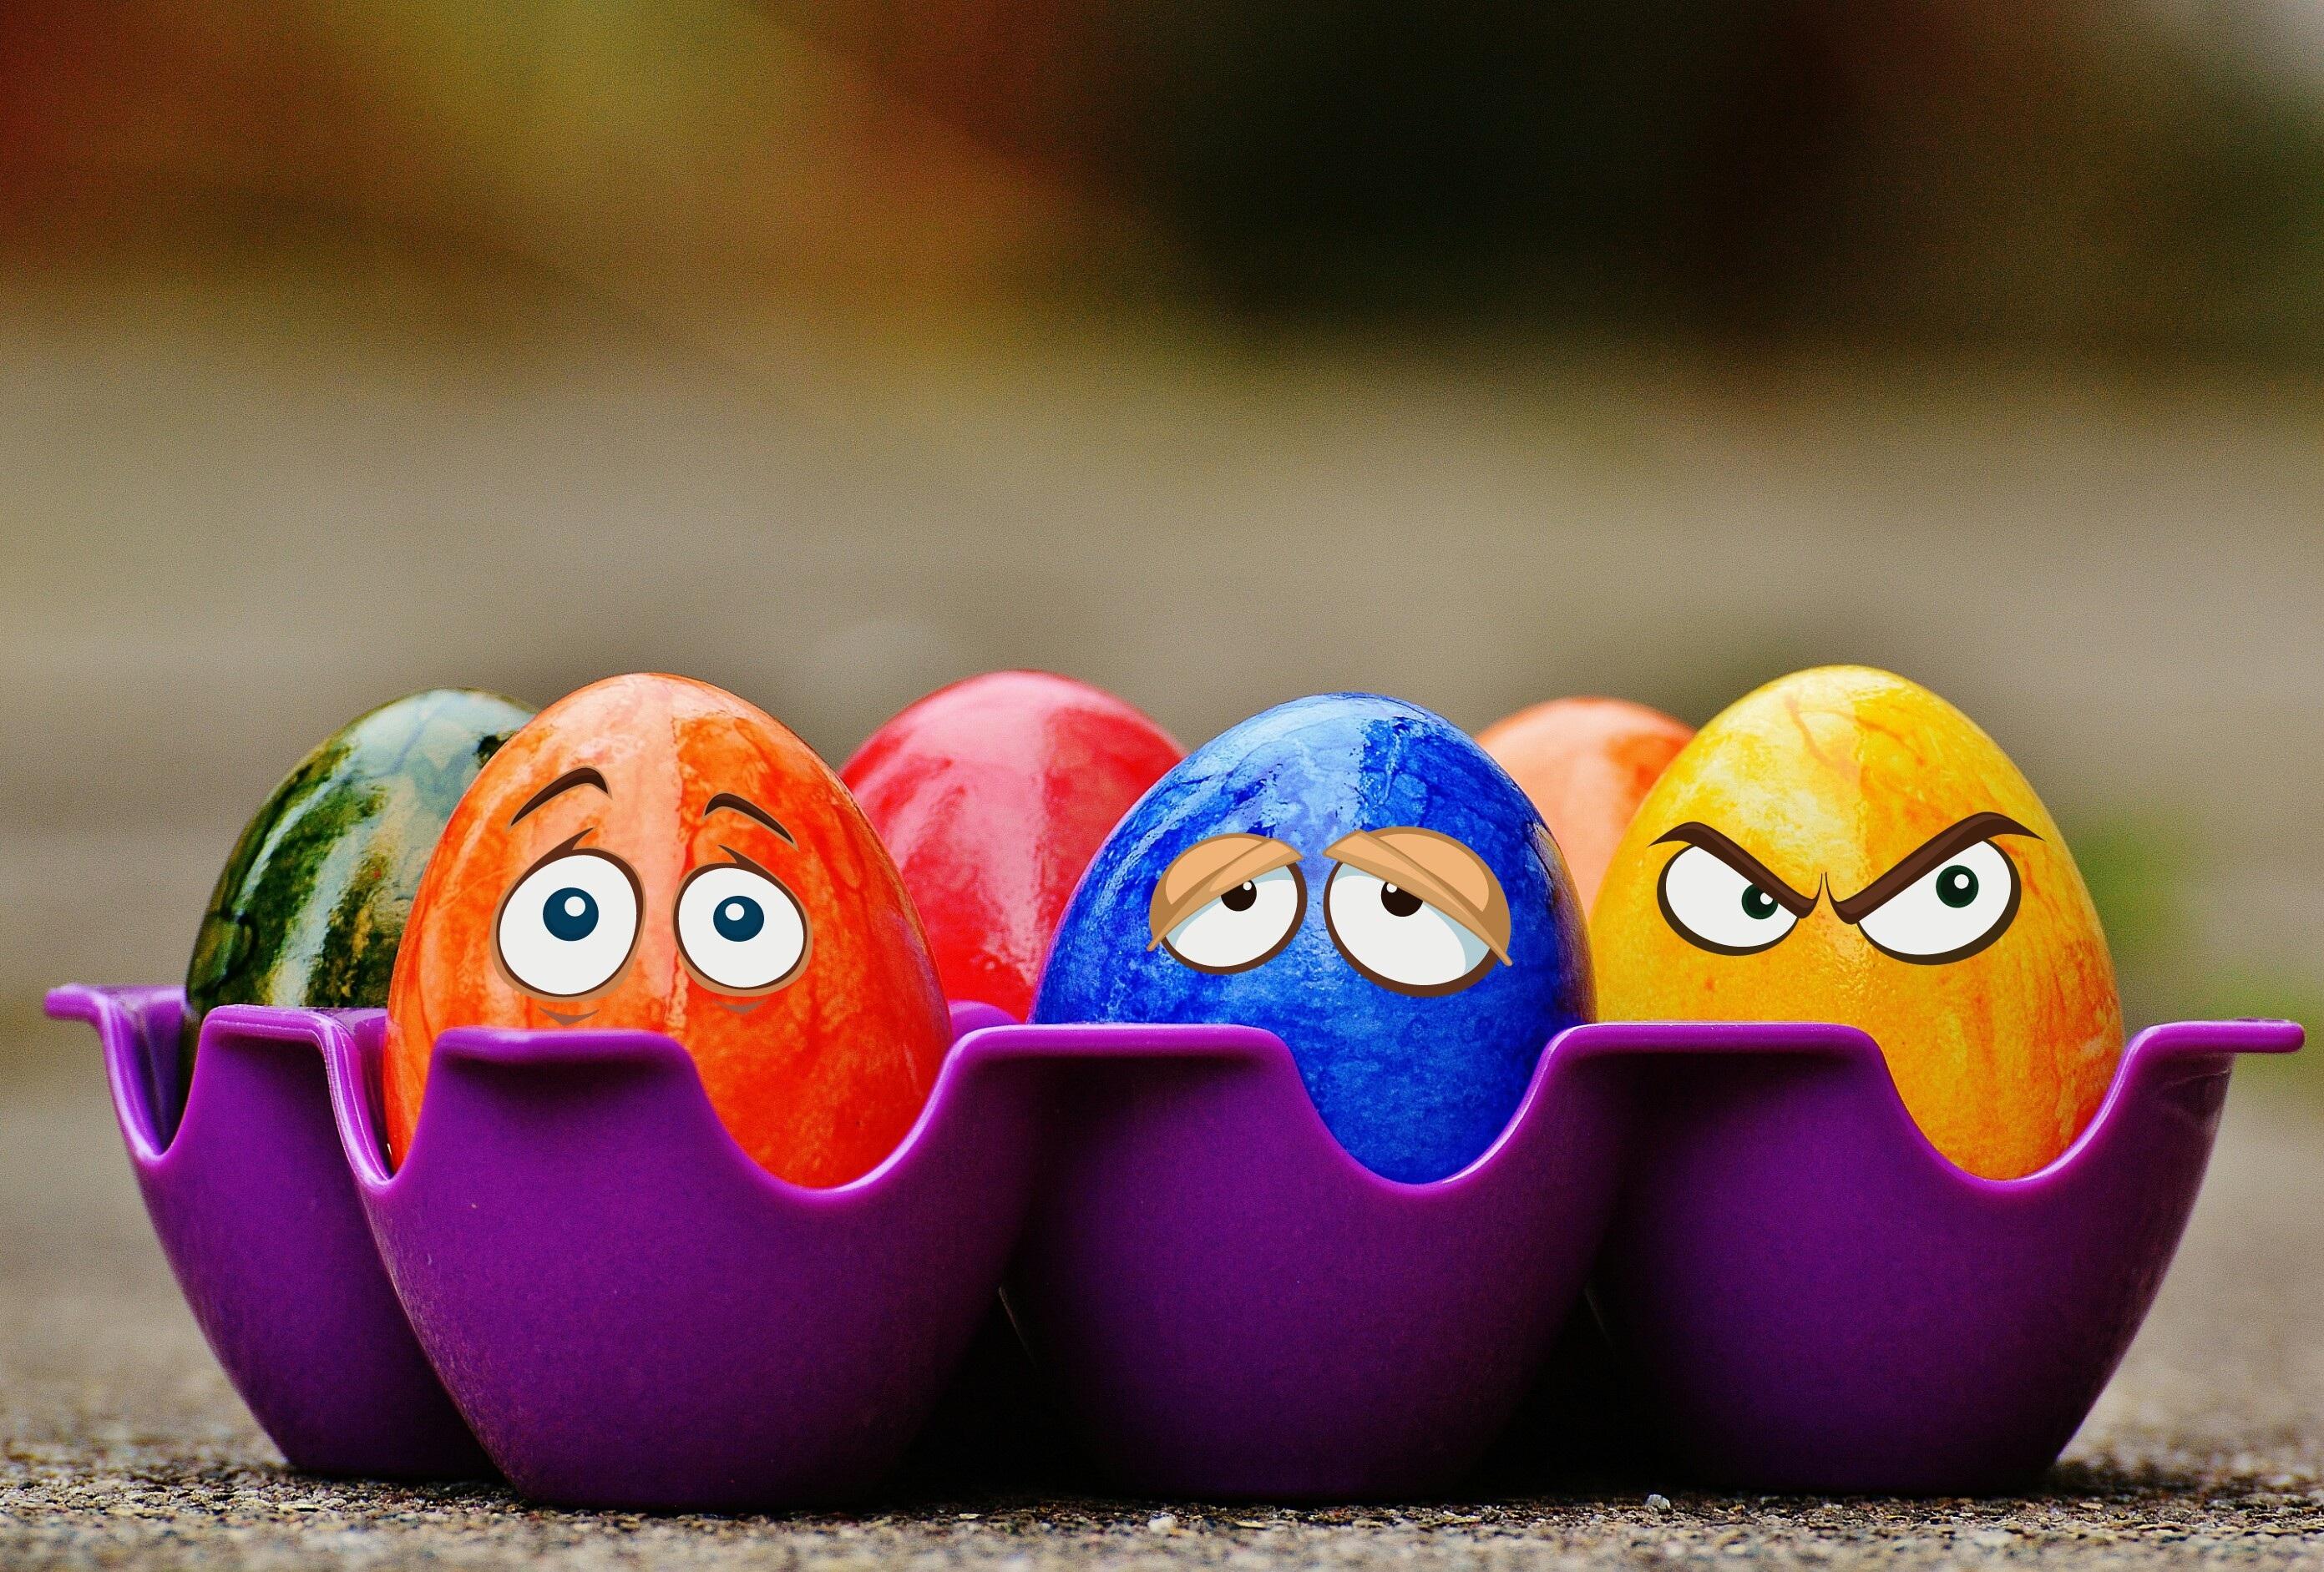 99291 Hintergrundbild herunterladen Feiertage, Eggs, Ostern, Augen, Emotionen - Bildschirmschoner und Bilder kostenlos